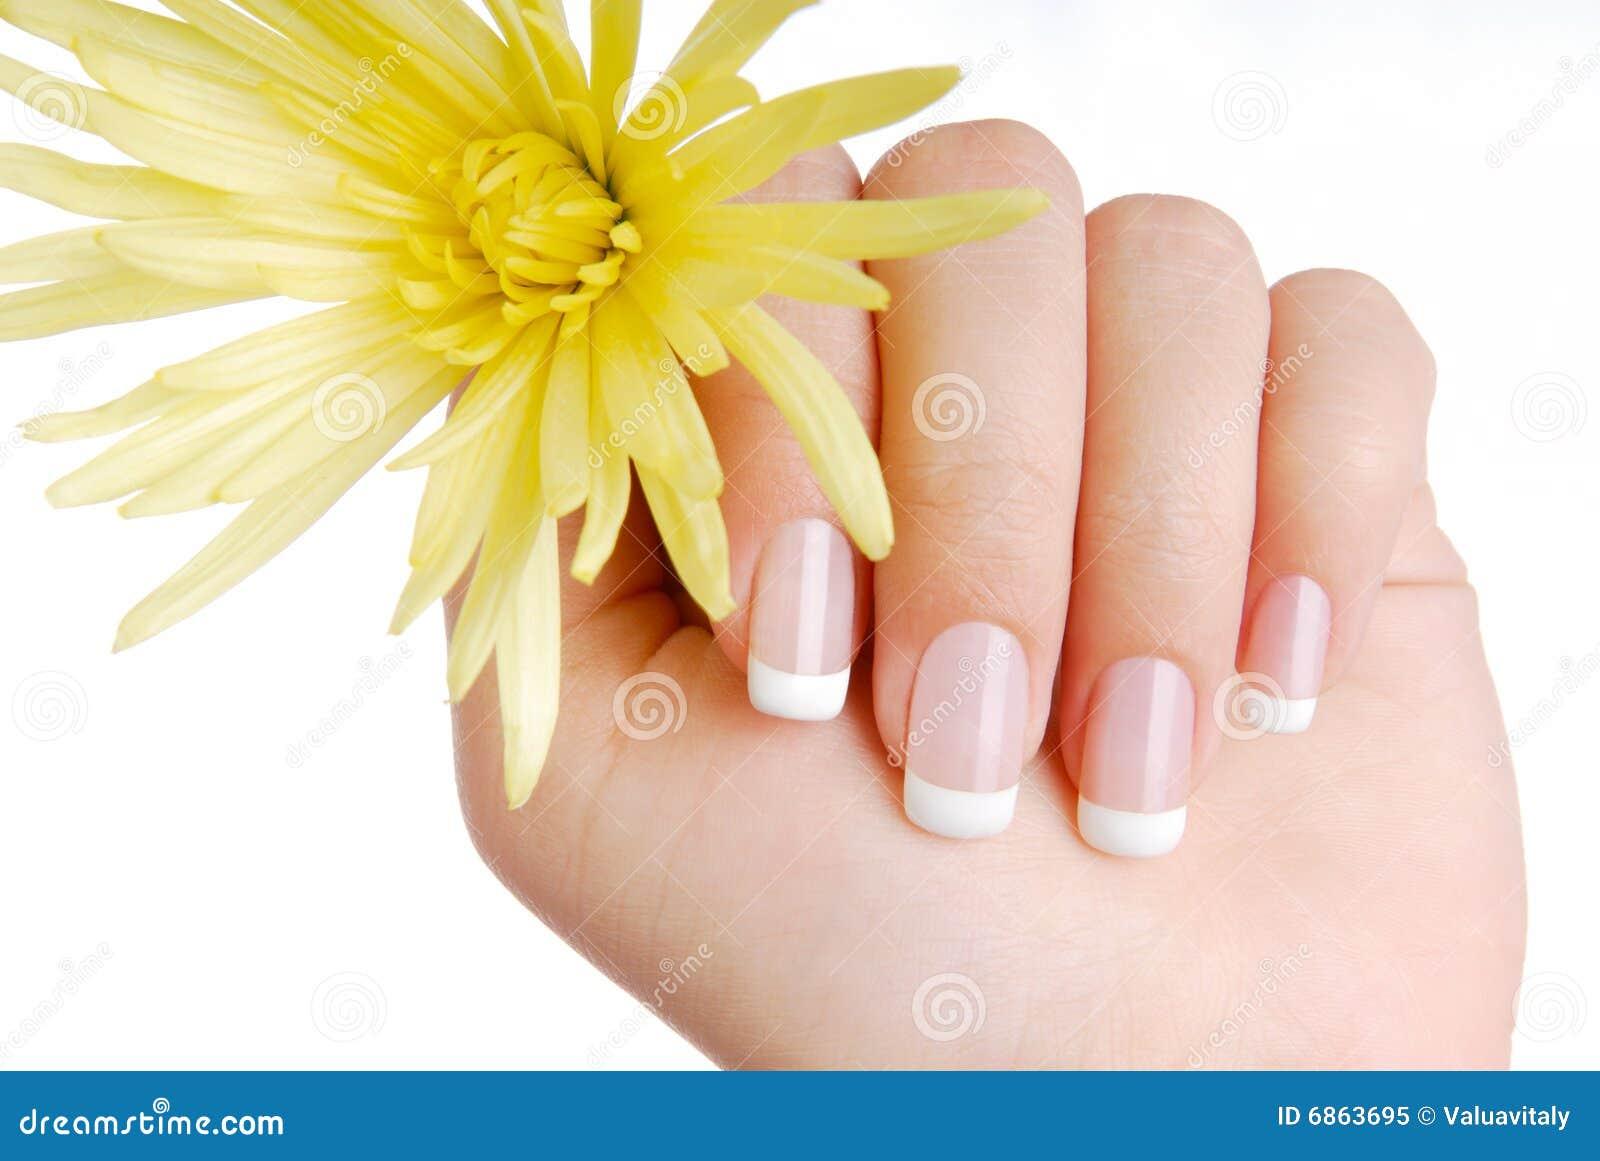 Образцы объявлений по наращиванию ногтей